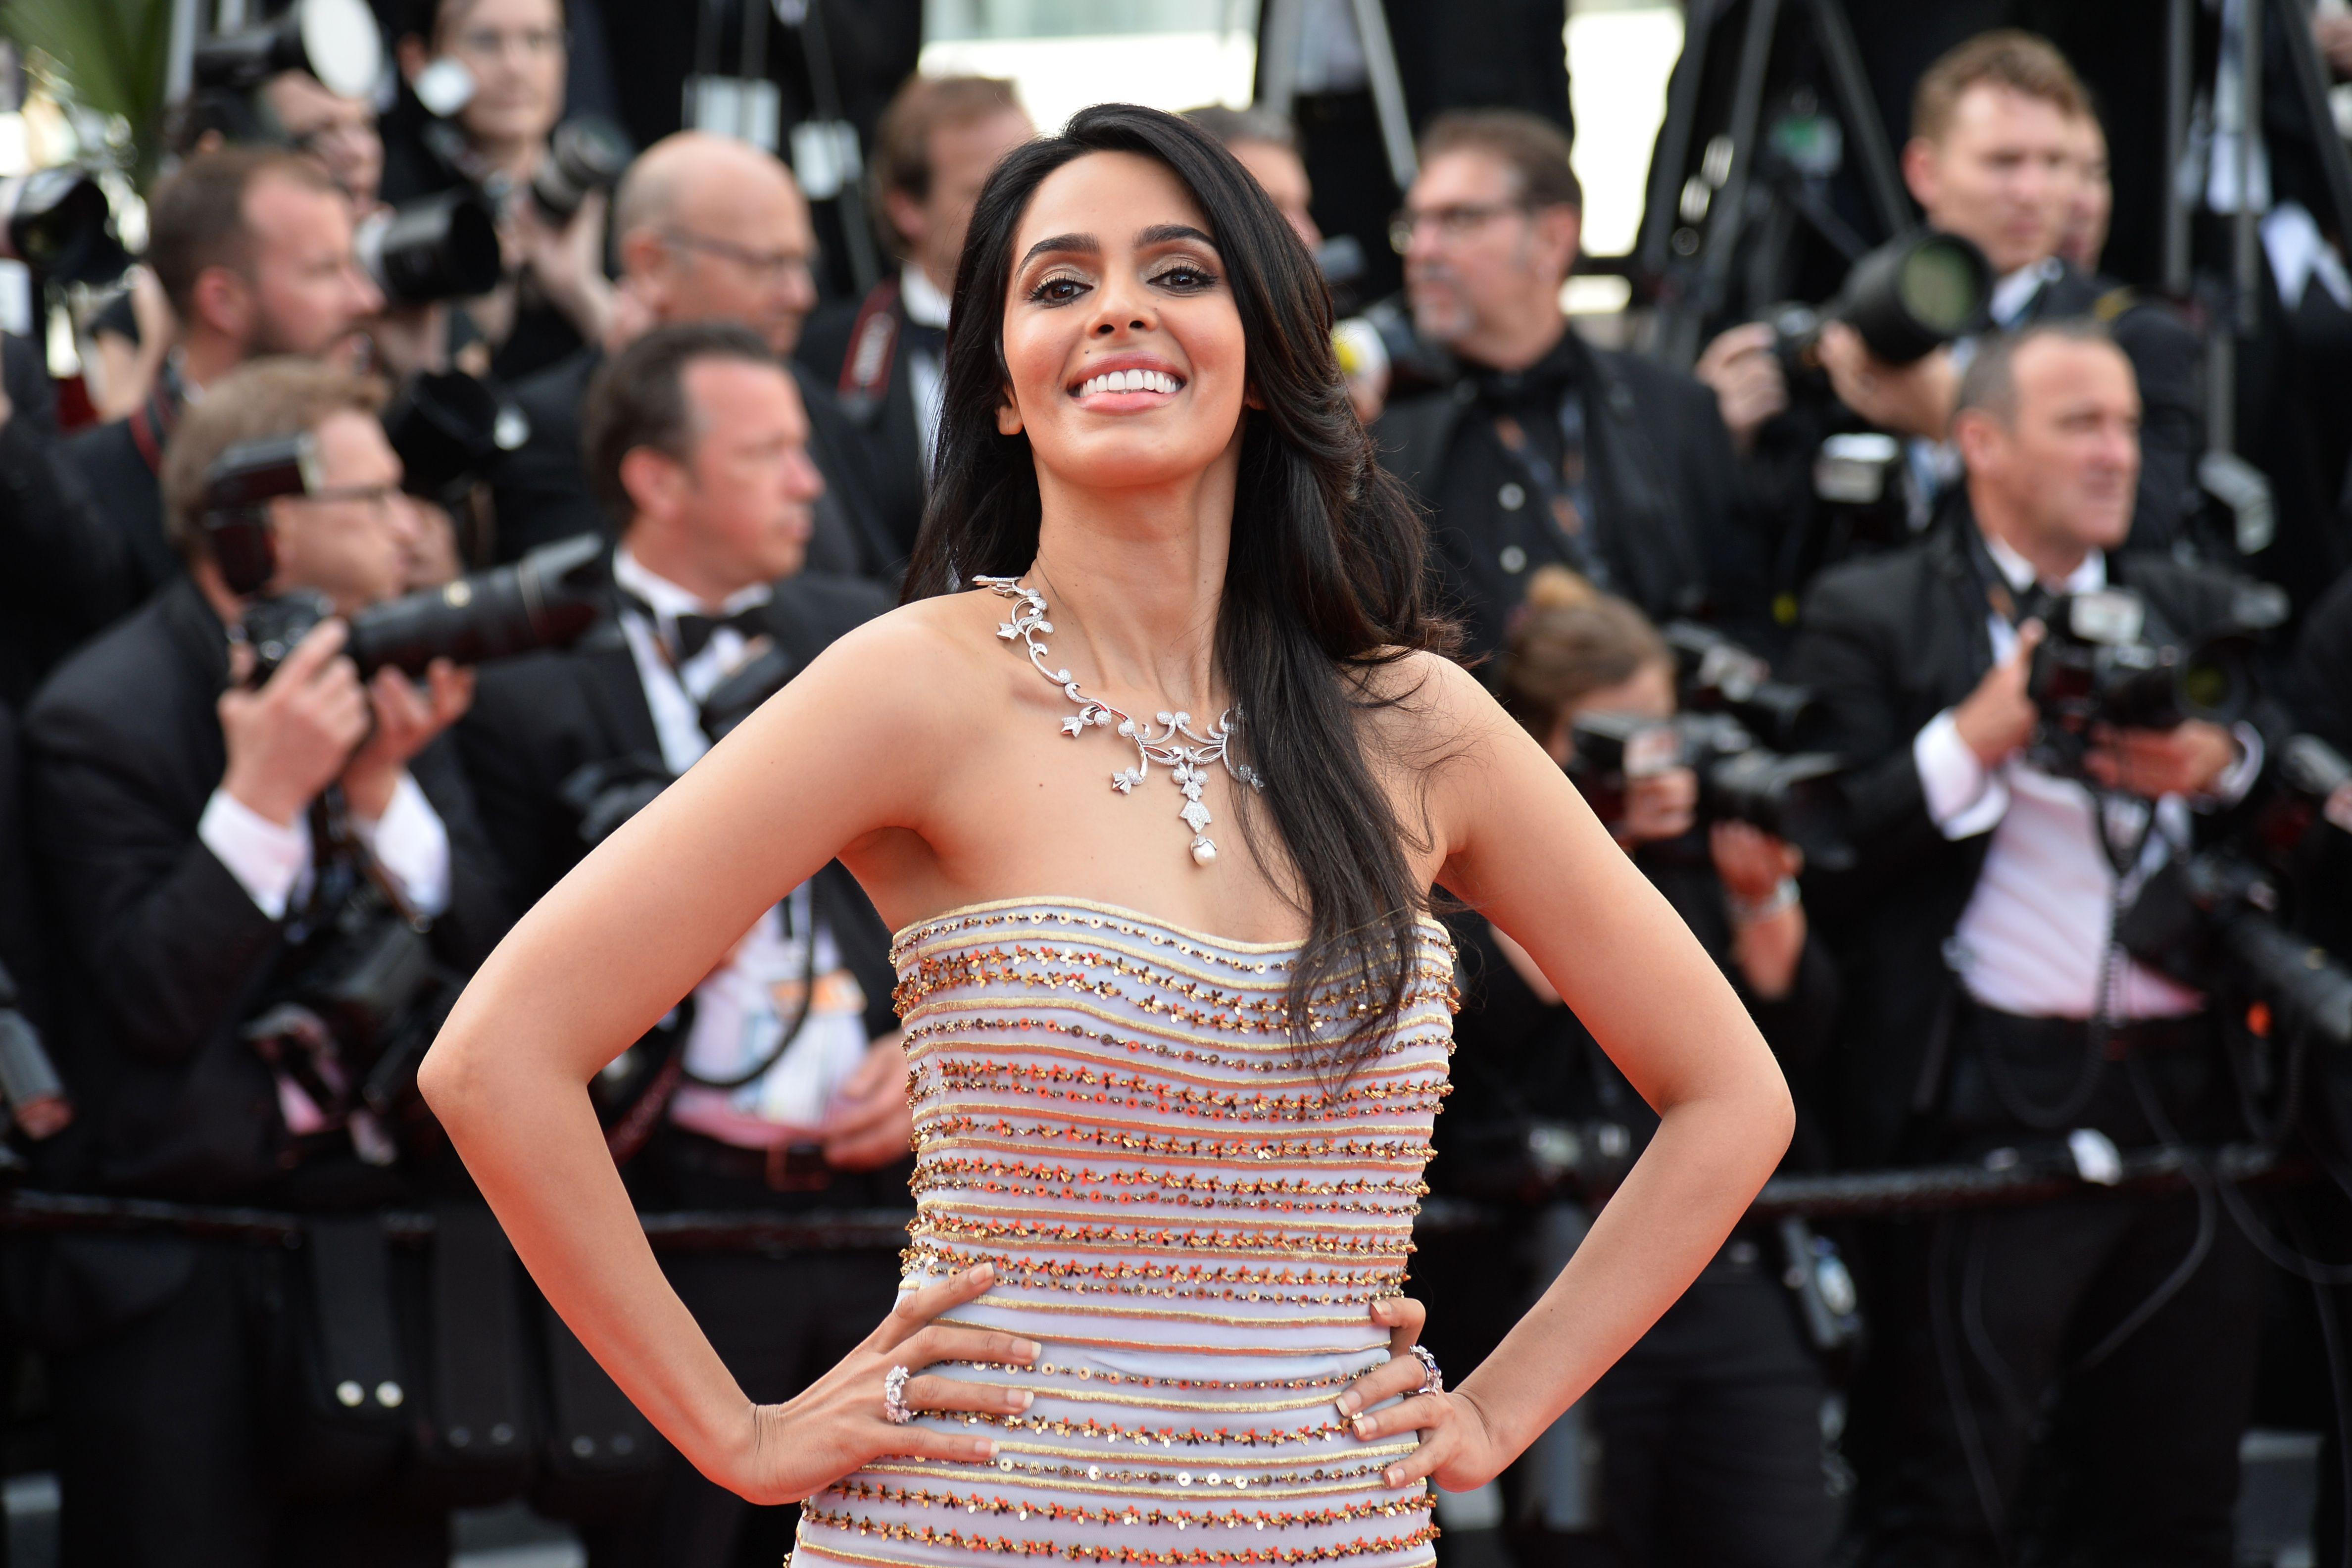 La modelo y actriz de la India Mallika Sherawat durante la alfombra roja de la versión 69 del Festival Internacional de Cine de Cannes en mayo de 2016. (Crédito: ALBERTO PIZZOLI/AFP/Getty Images)